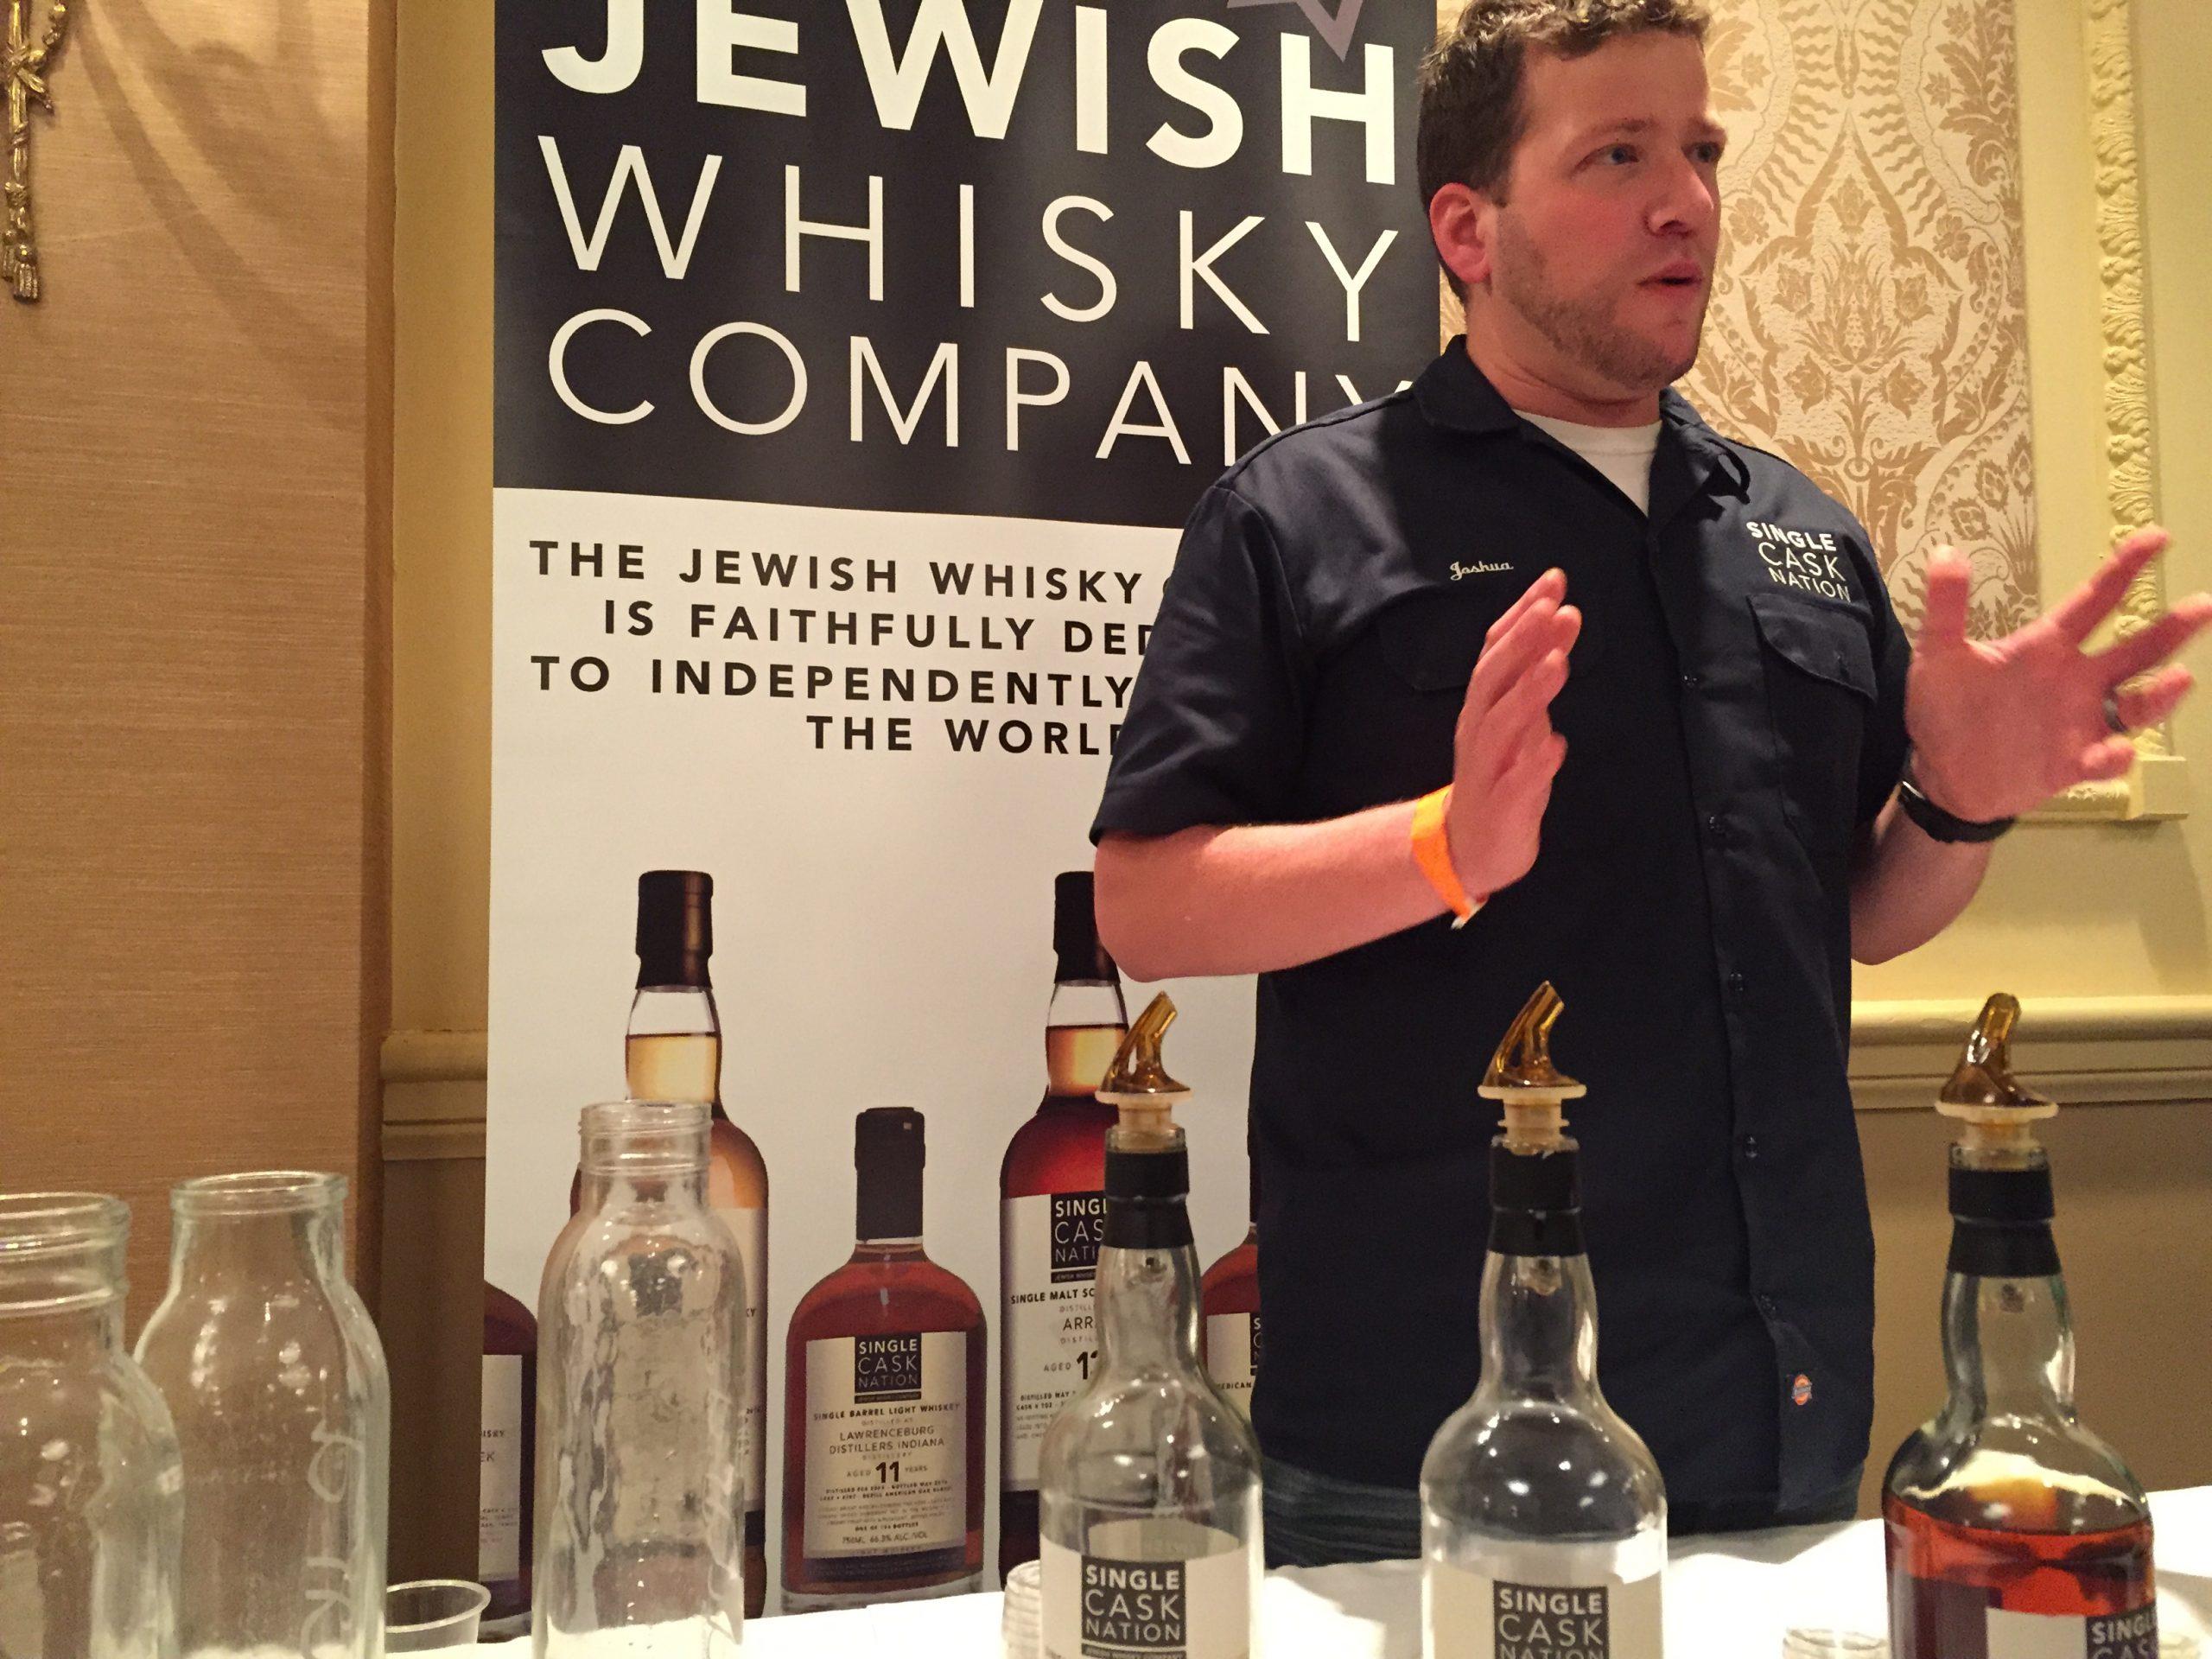 Joshua Hatton of the Jewish Whisky Company